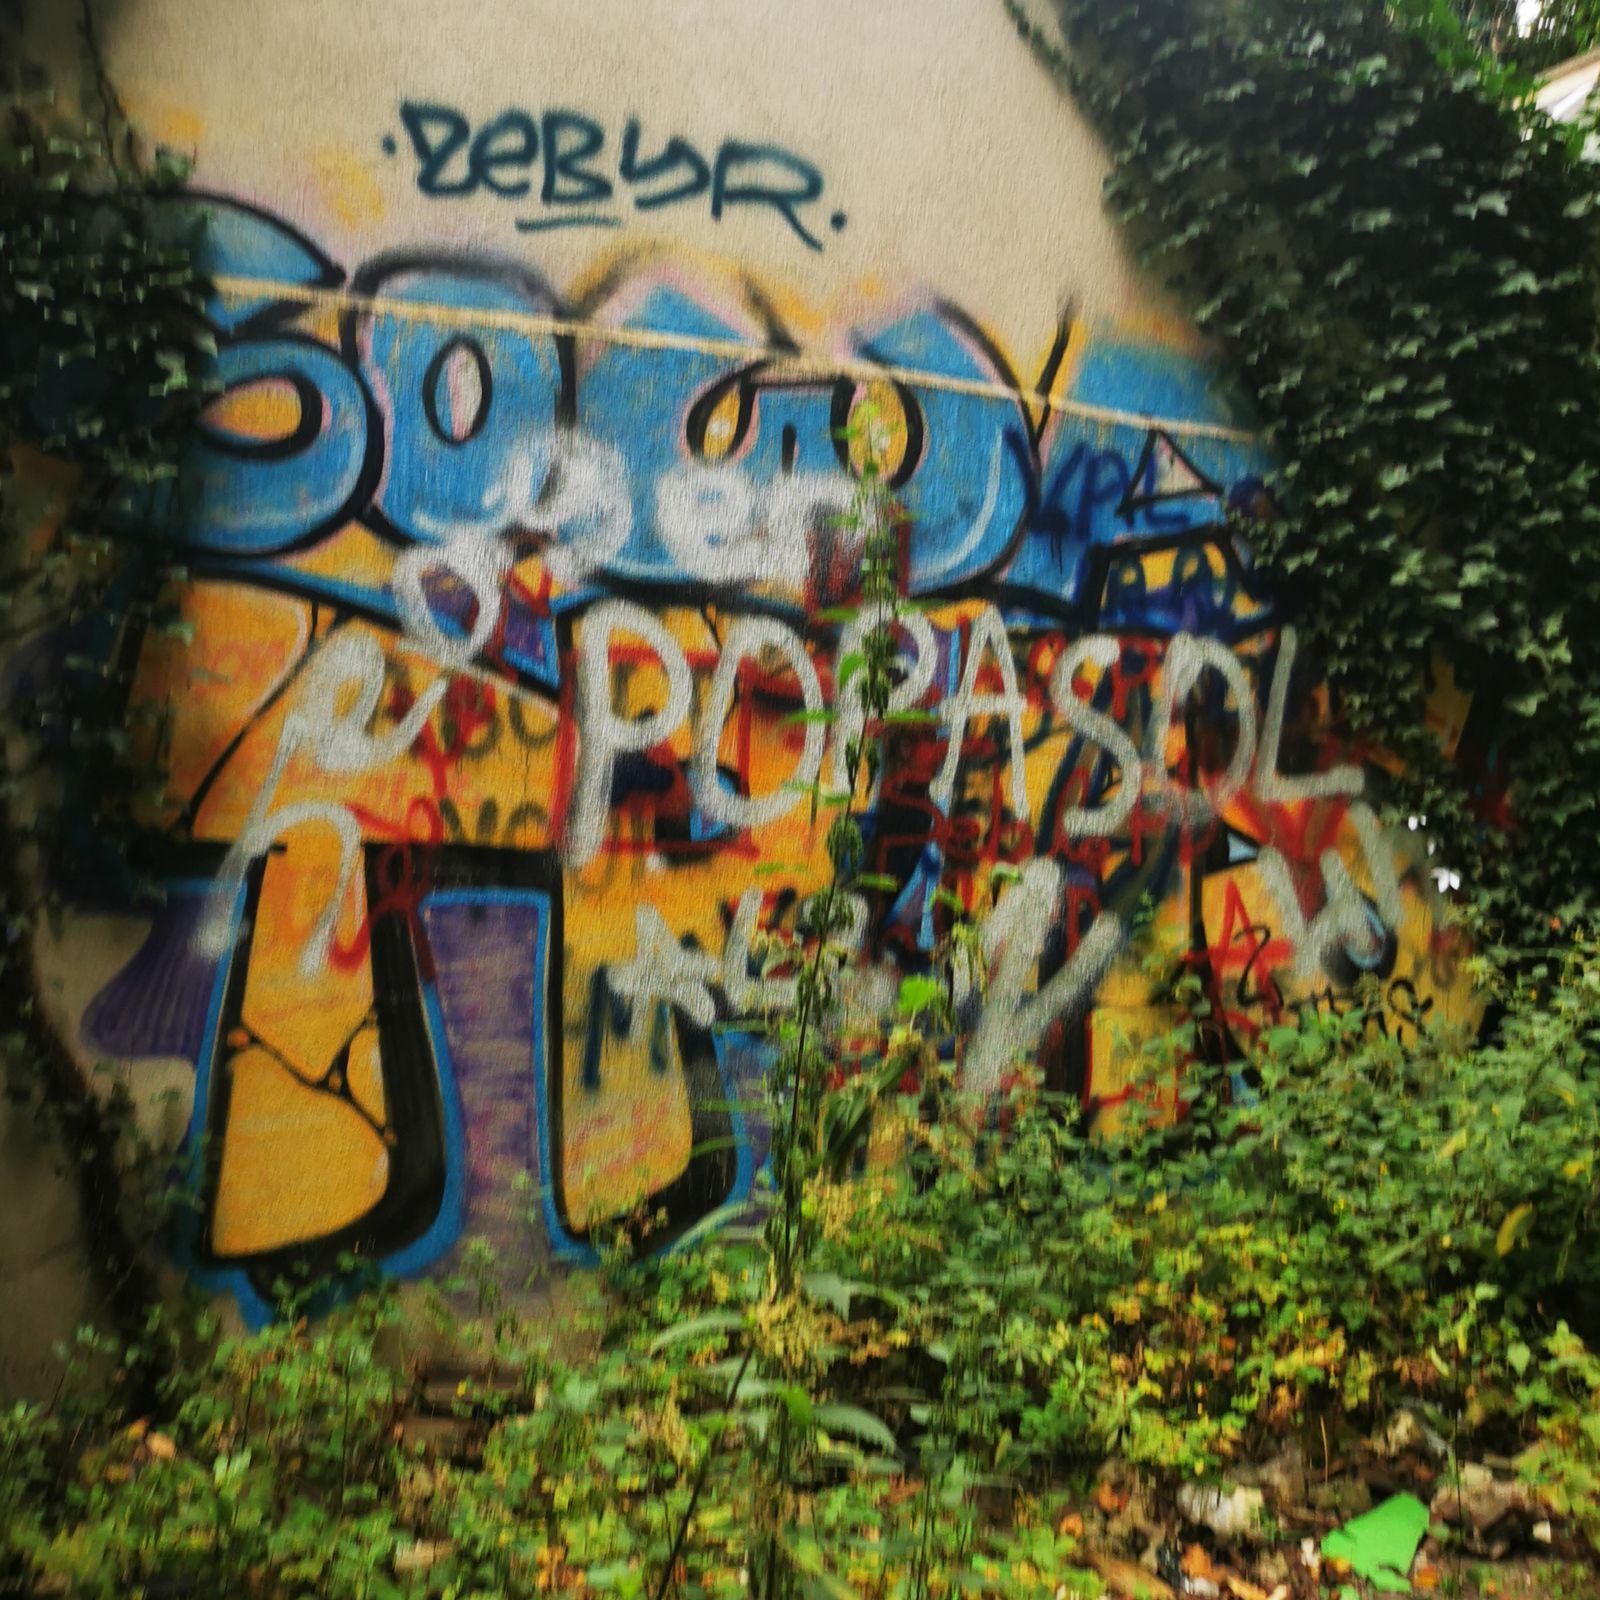 Goussainville, le vieux pays... Entre street art et urbex